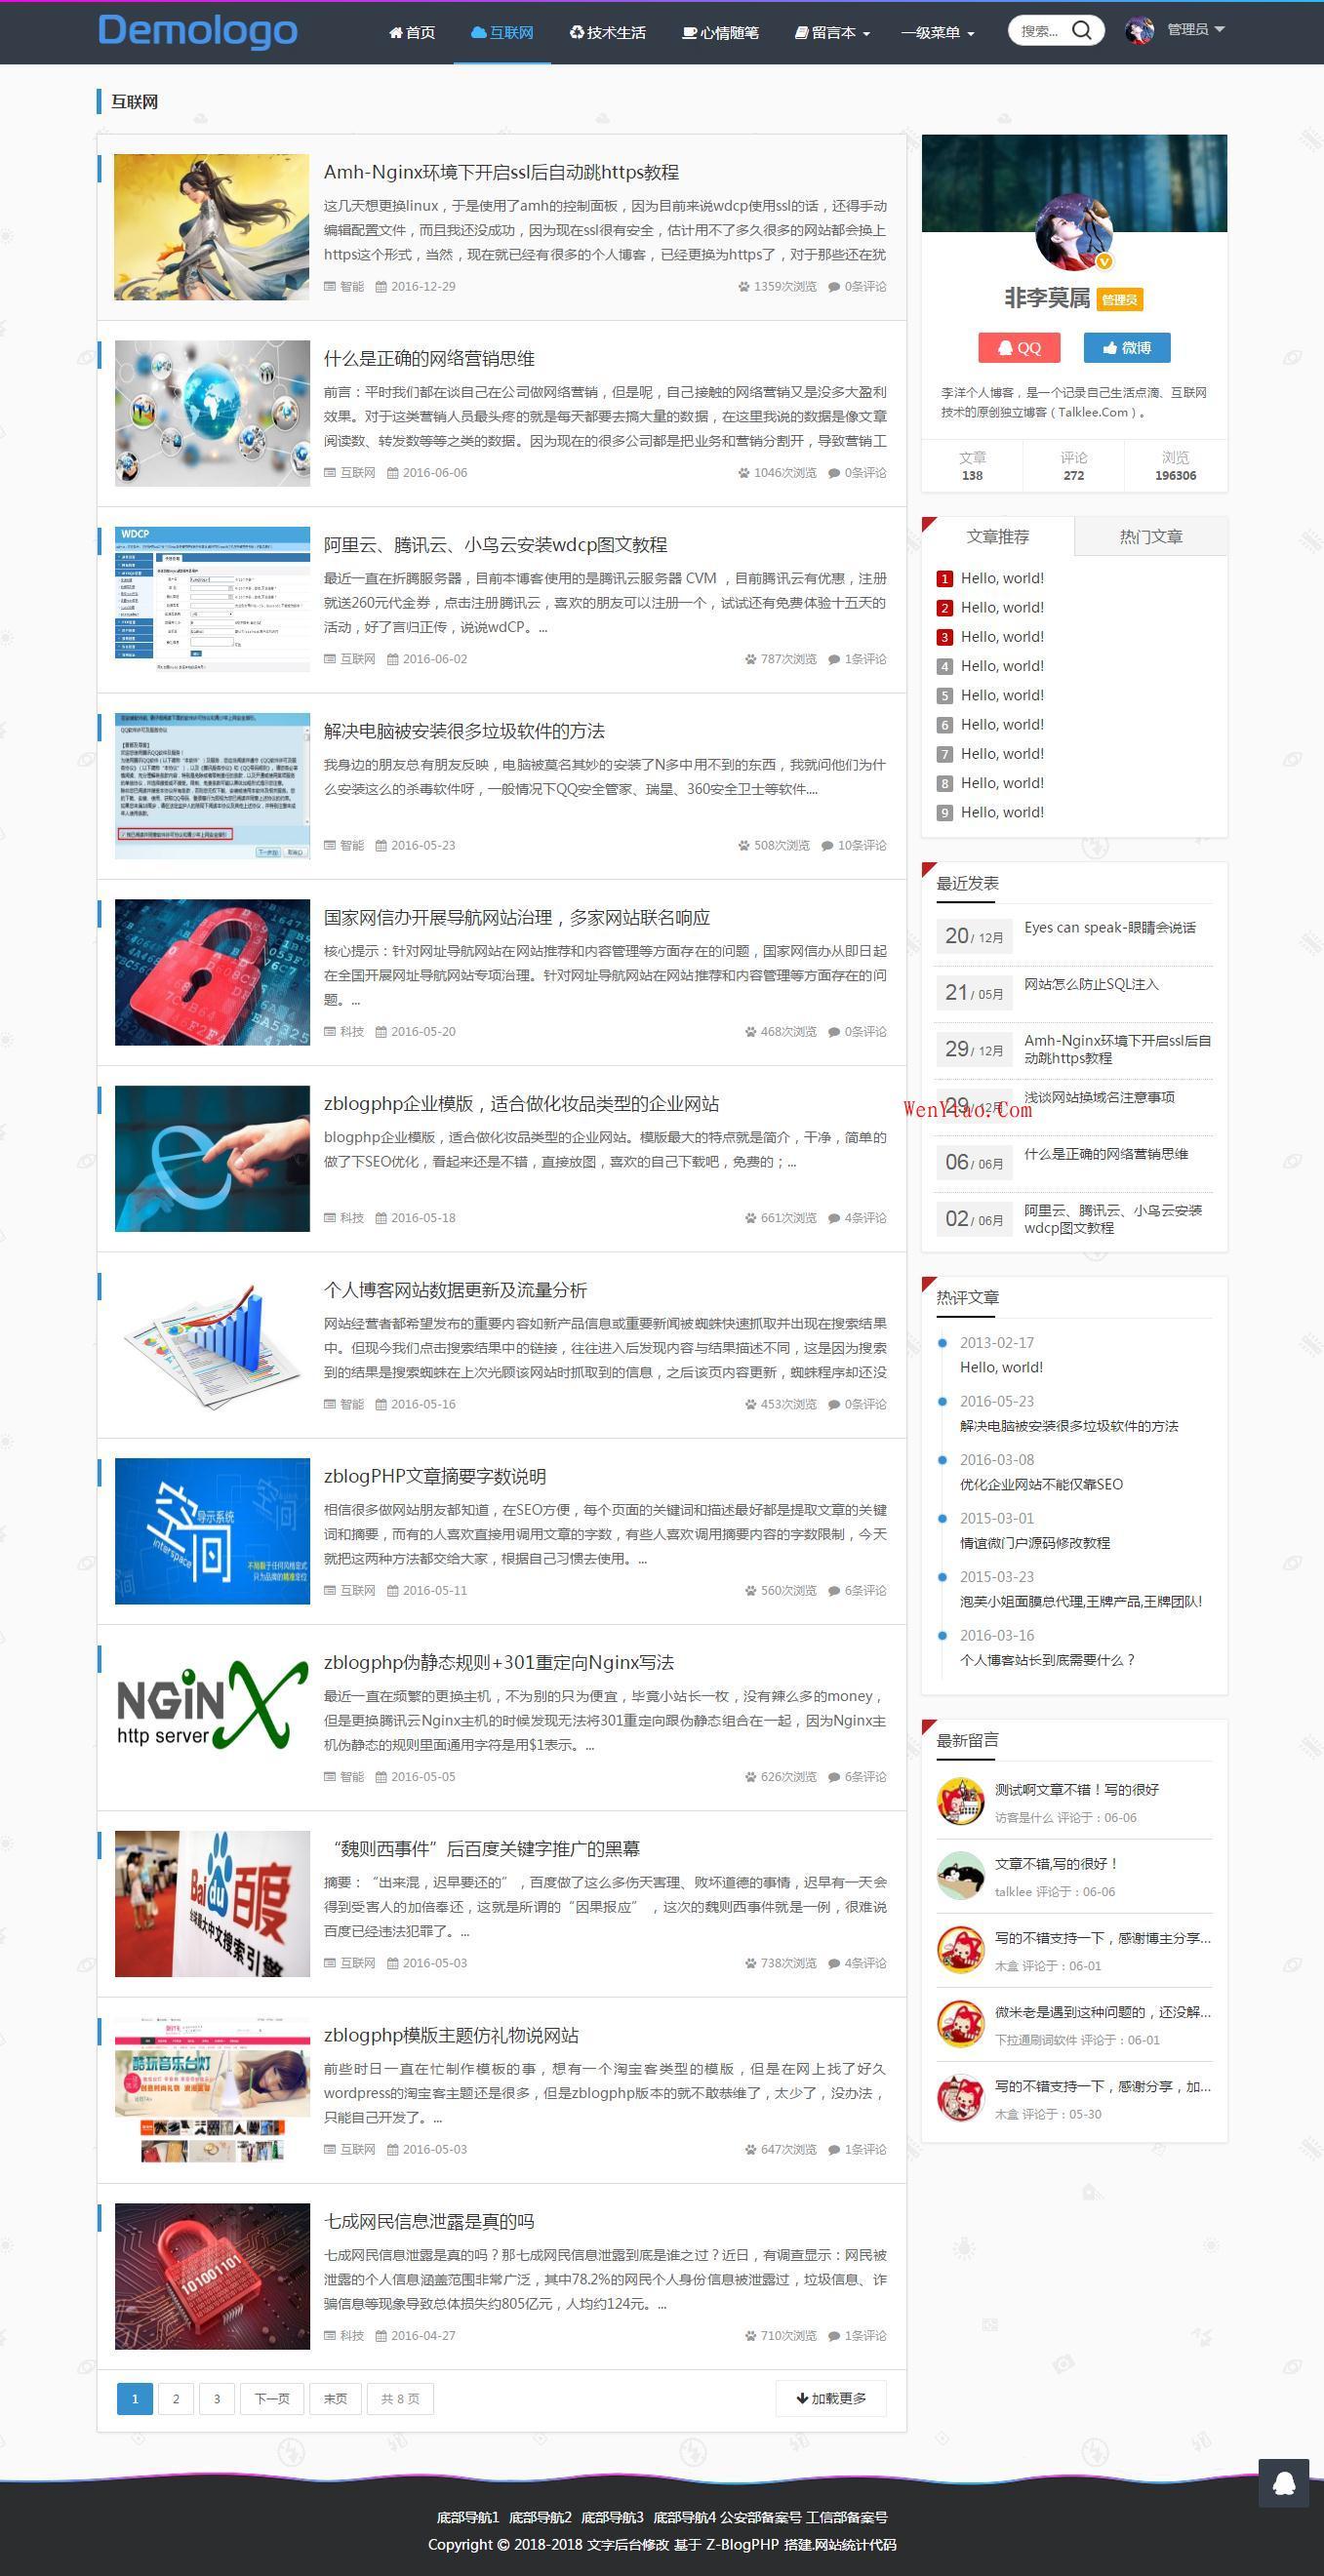 Z-BlogPHP开运锦鲤前来报道(更新说明及操作教程,必看文章) 第88张